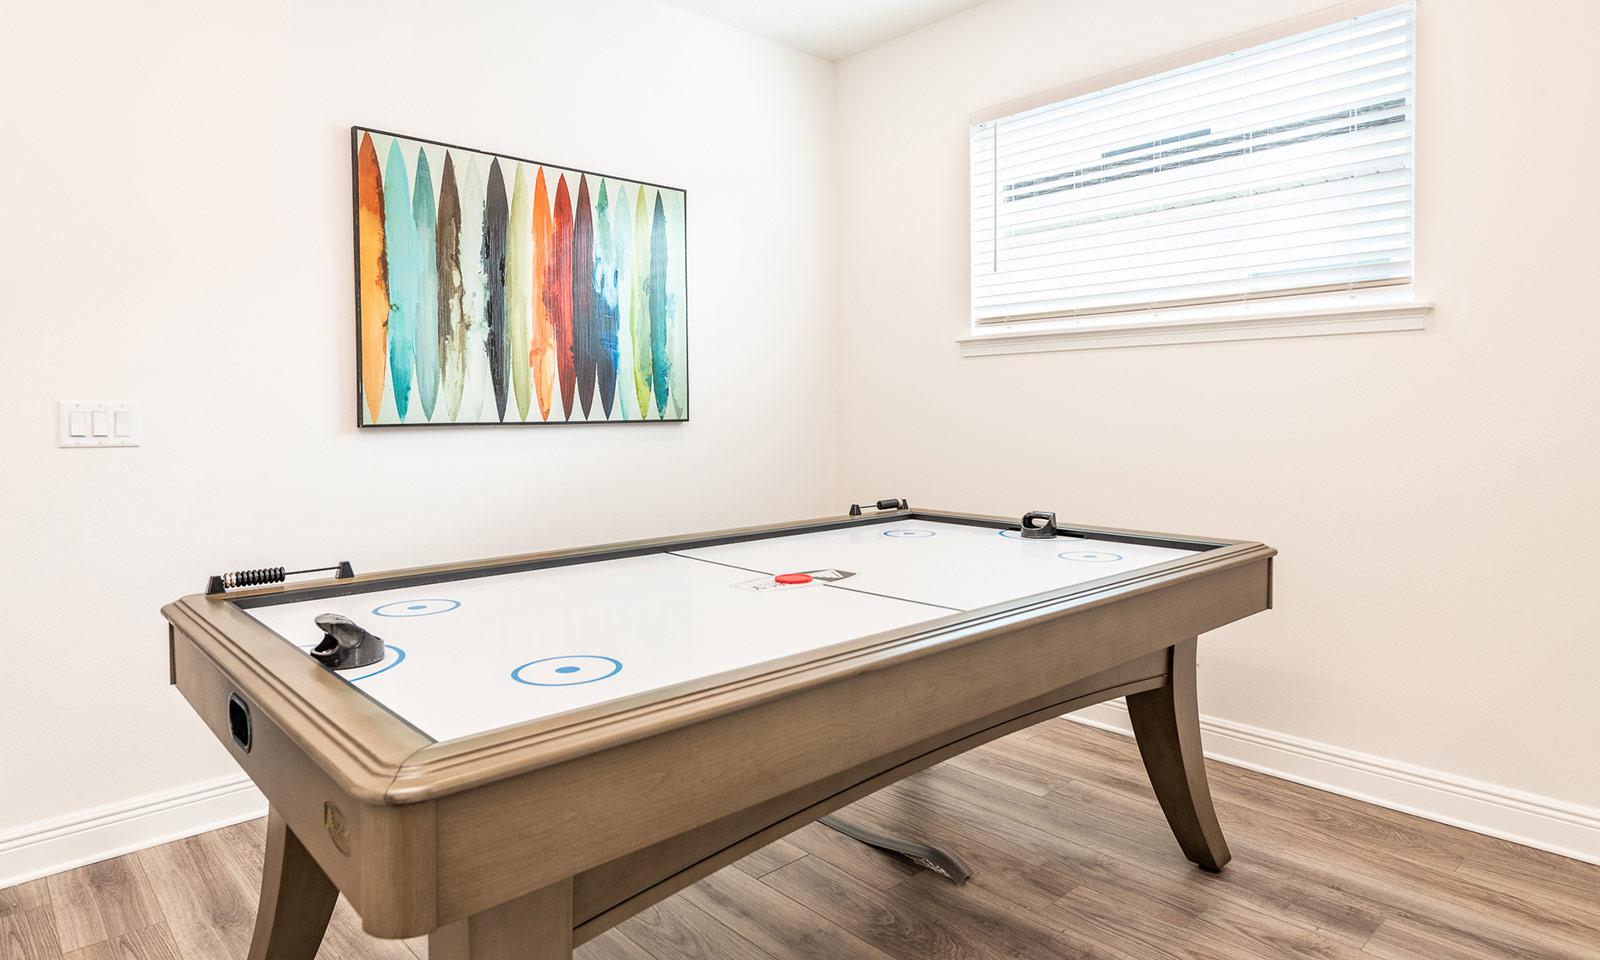 [amenities:Air-Hockey-Table:2] Air Hockey Table